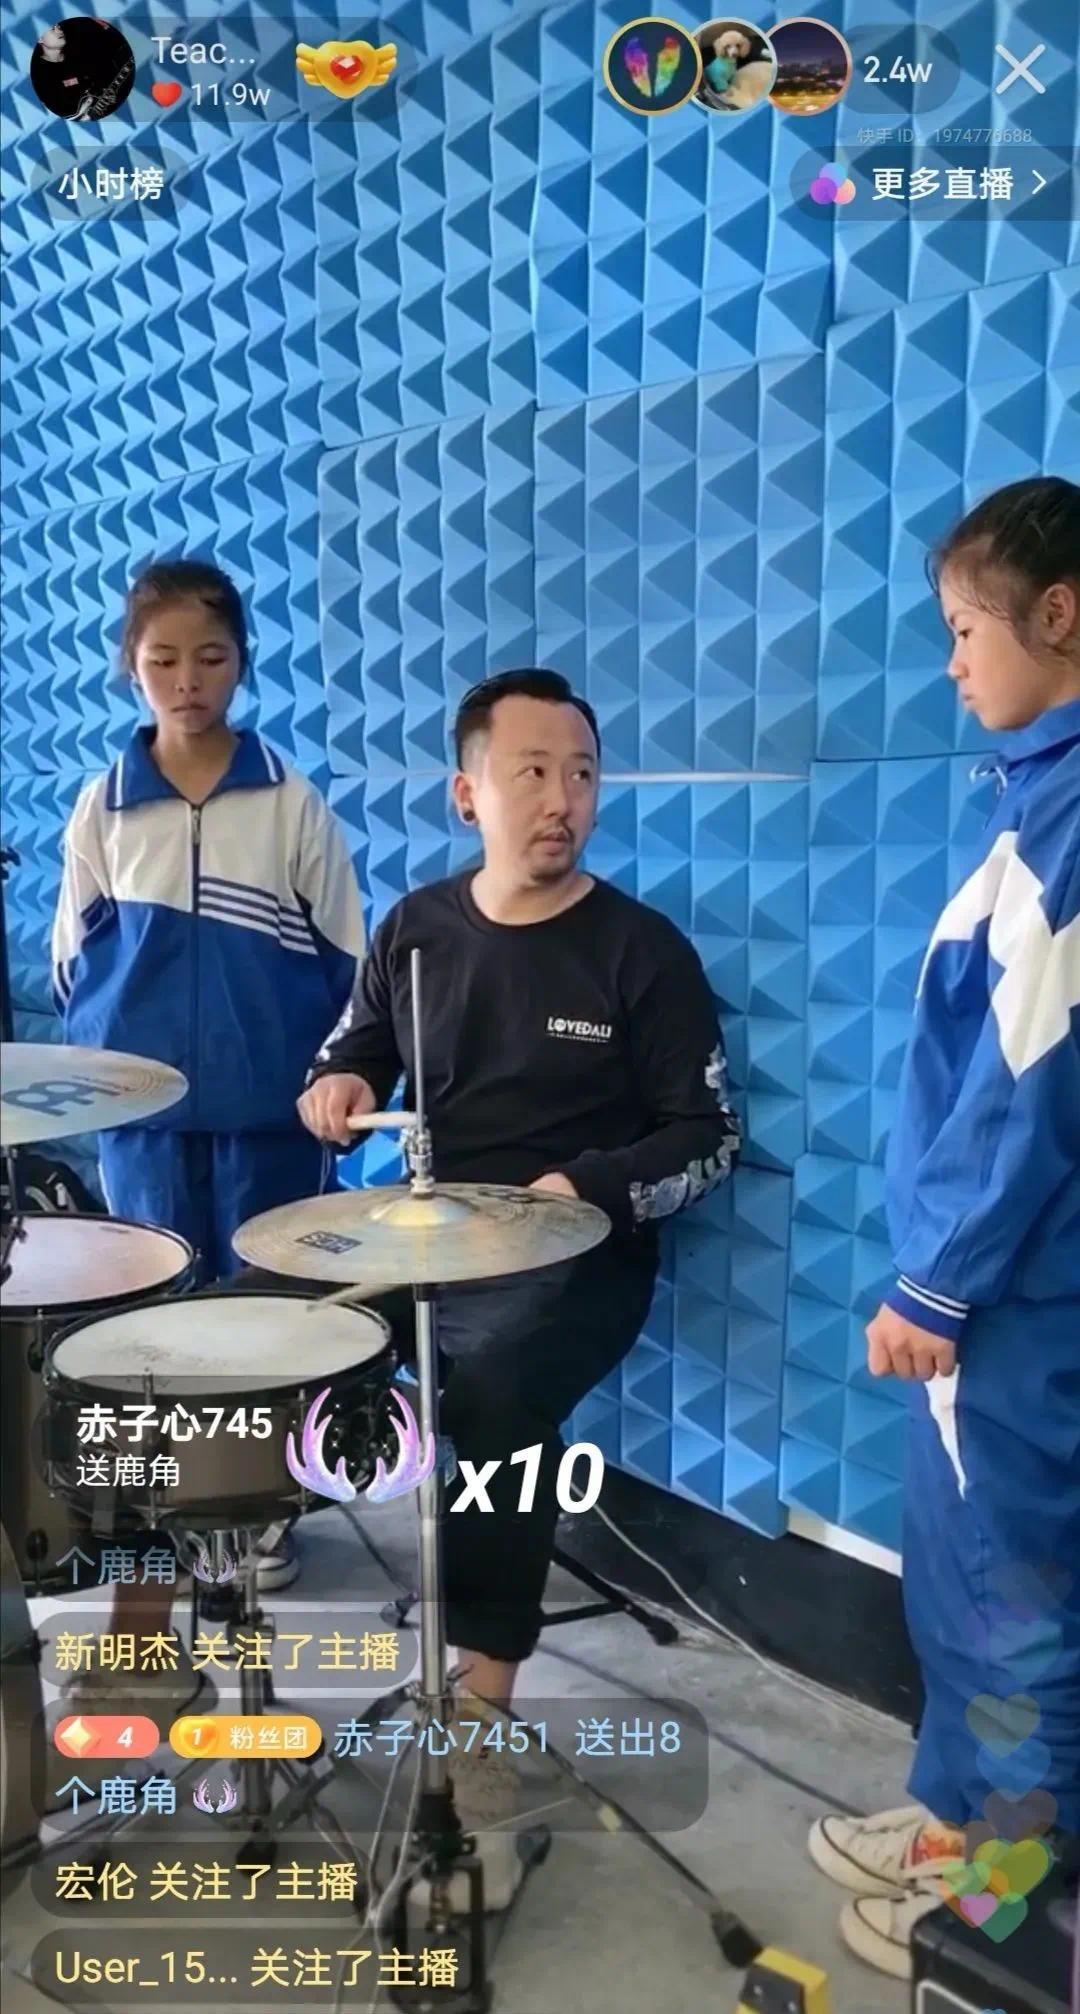 | 痛仰乐手教孩子们打鼓。快手截图